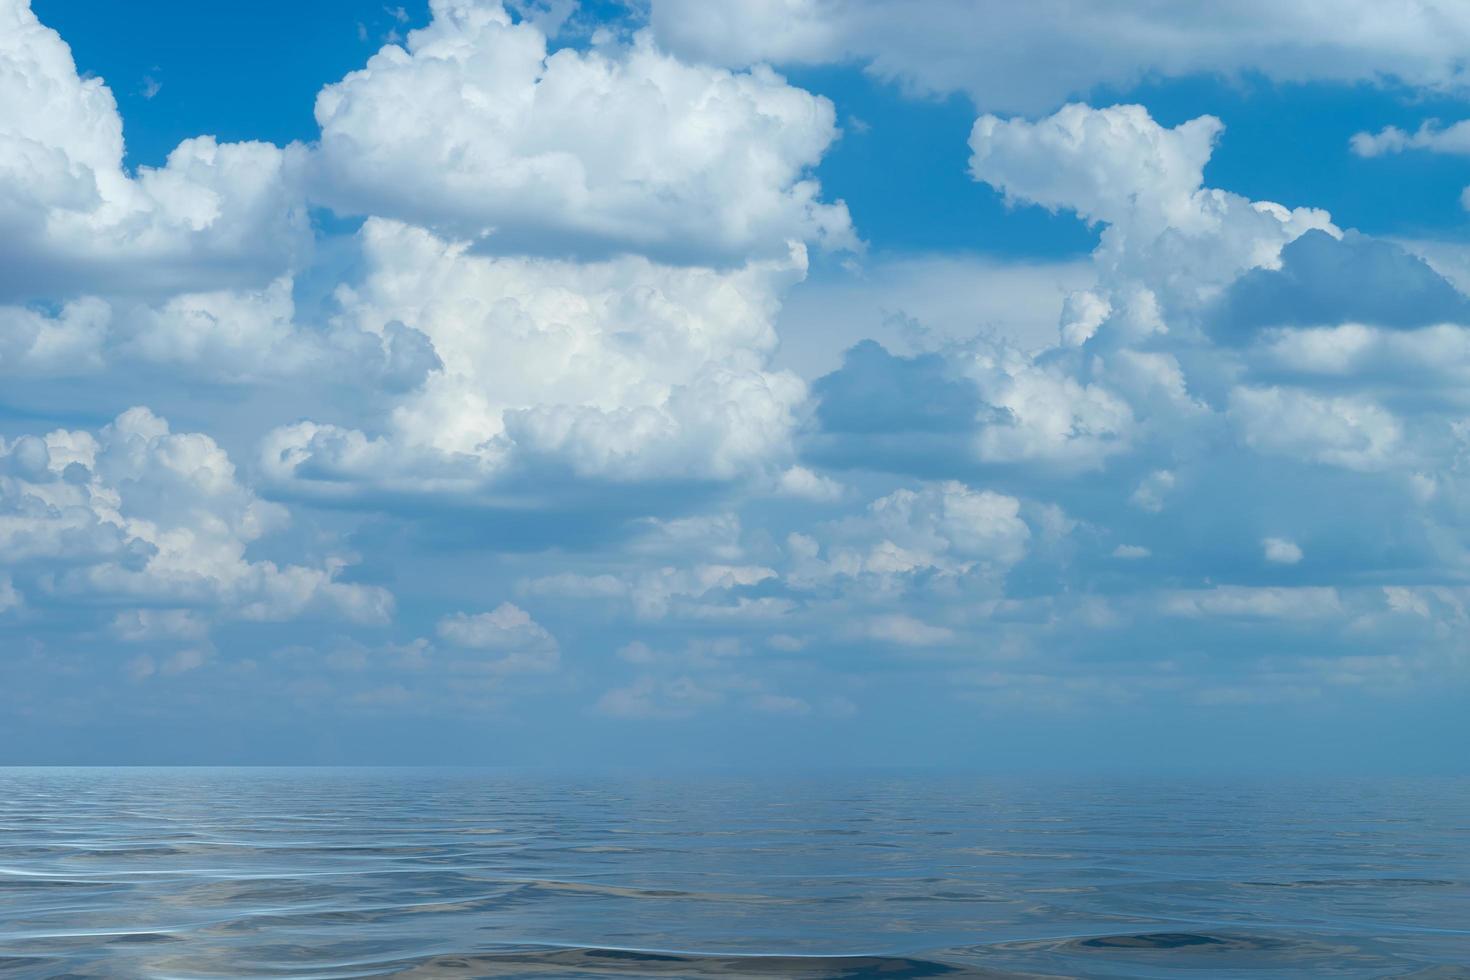 paesaggio marino con belle nuvole bianche foto